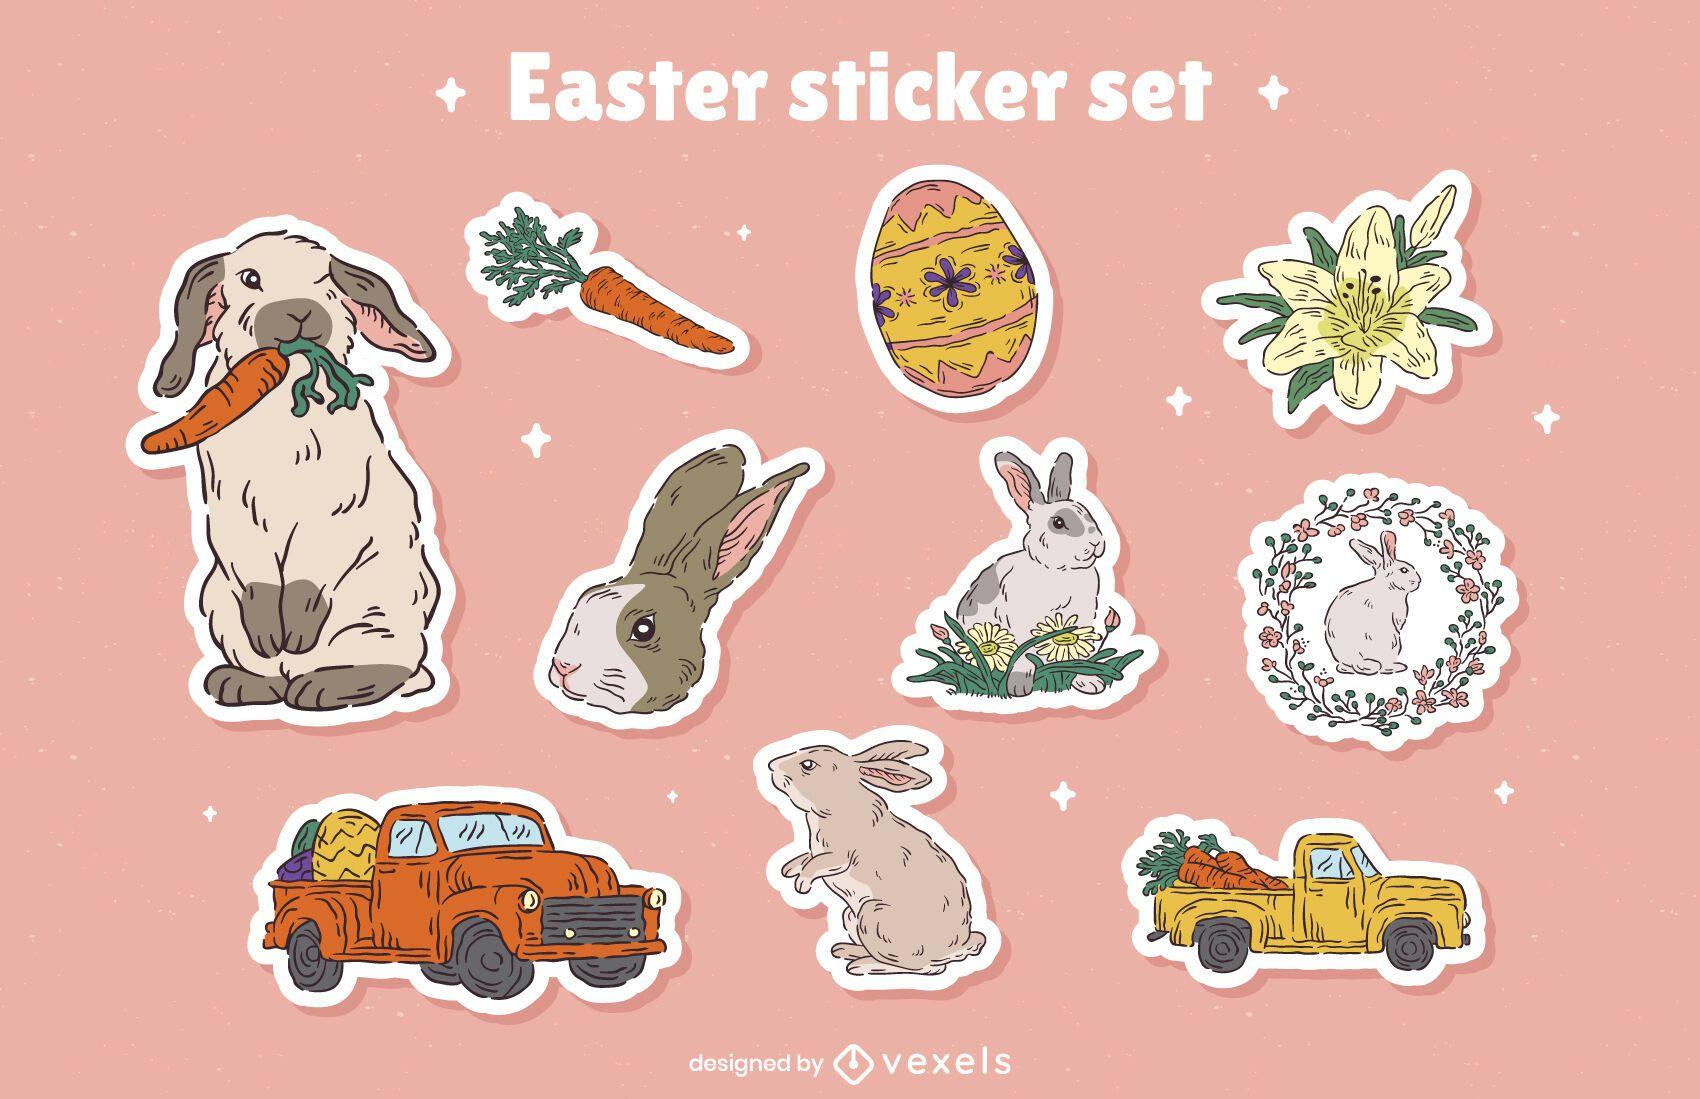 Set de pegatinas de conejitos de vacaciones de Pascua